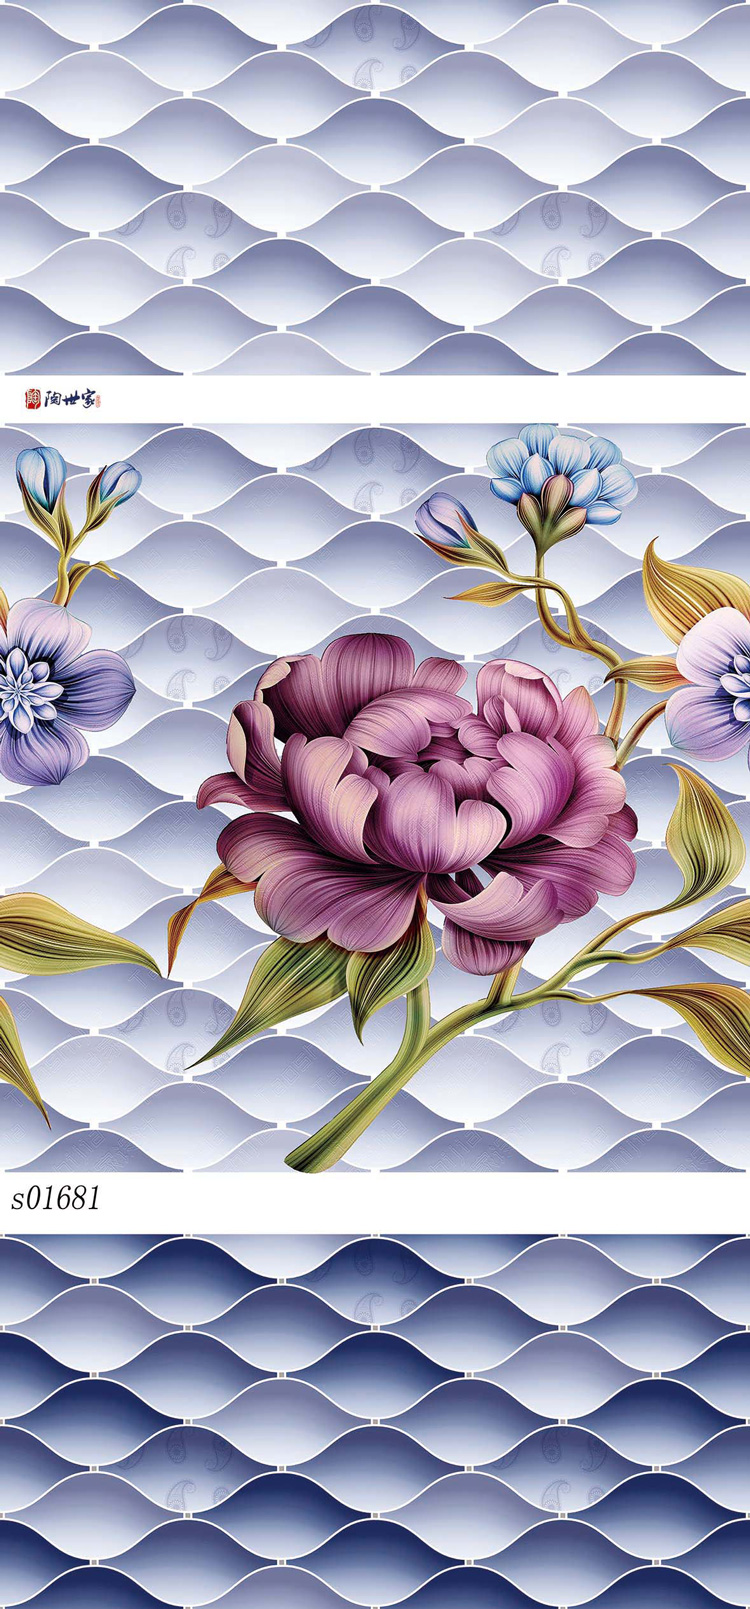 Ceramic skirting tiles